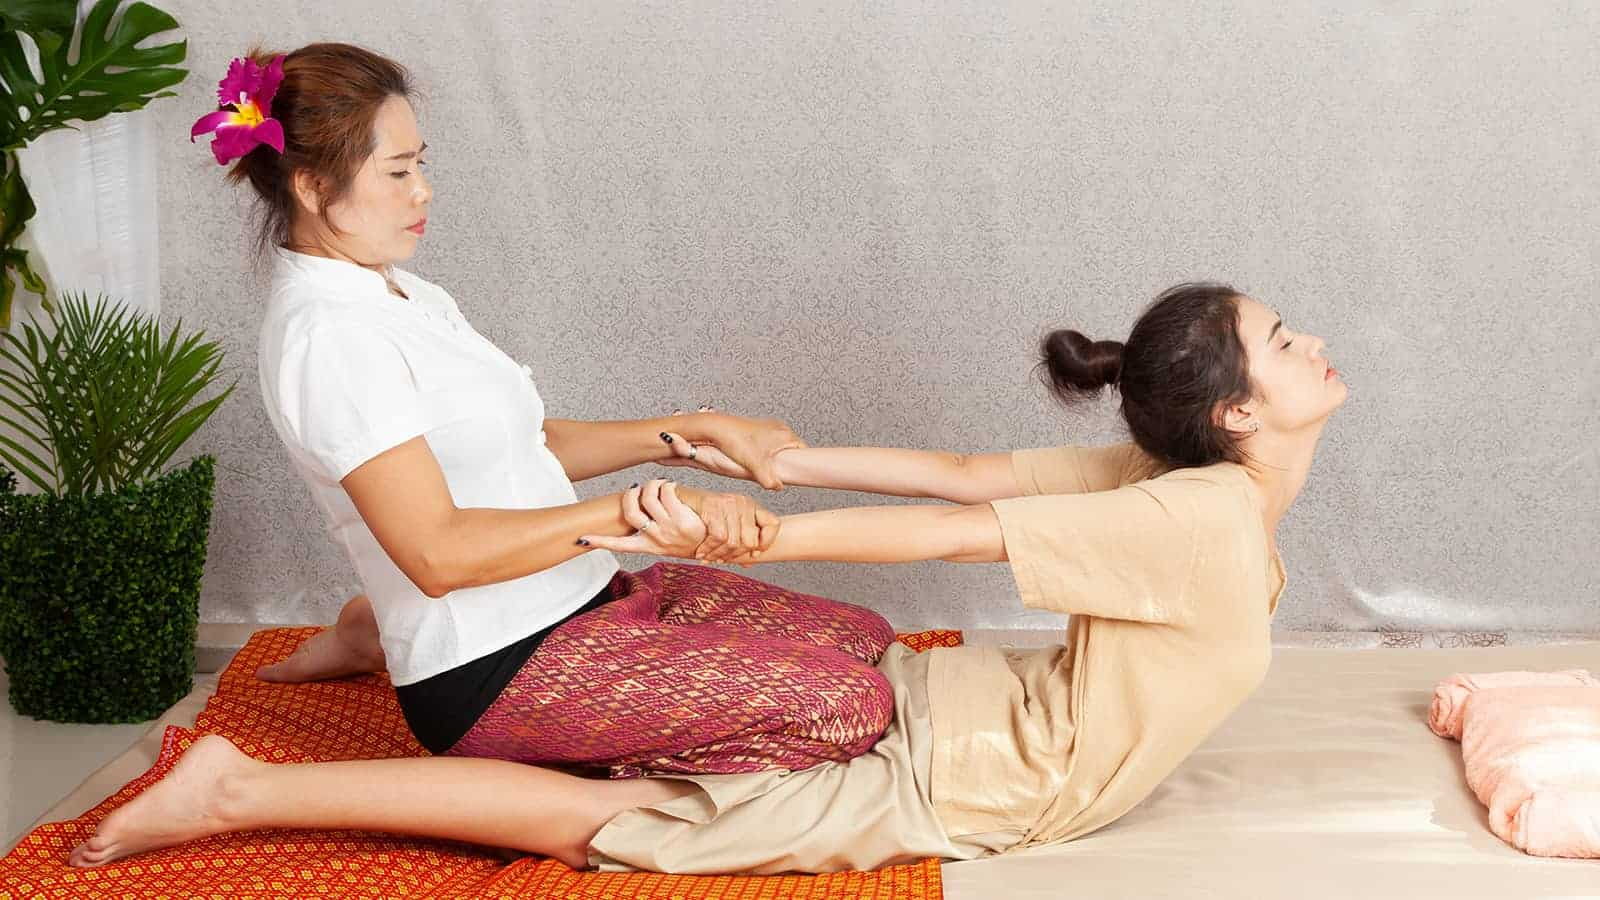 Thao Thai Spa - thai massage & spa (Gdansk, Polen) - omdömen